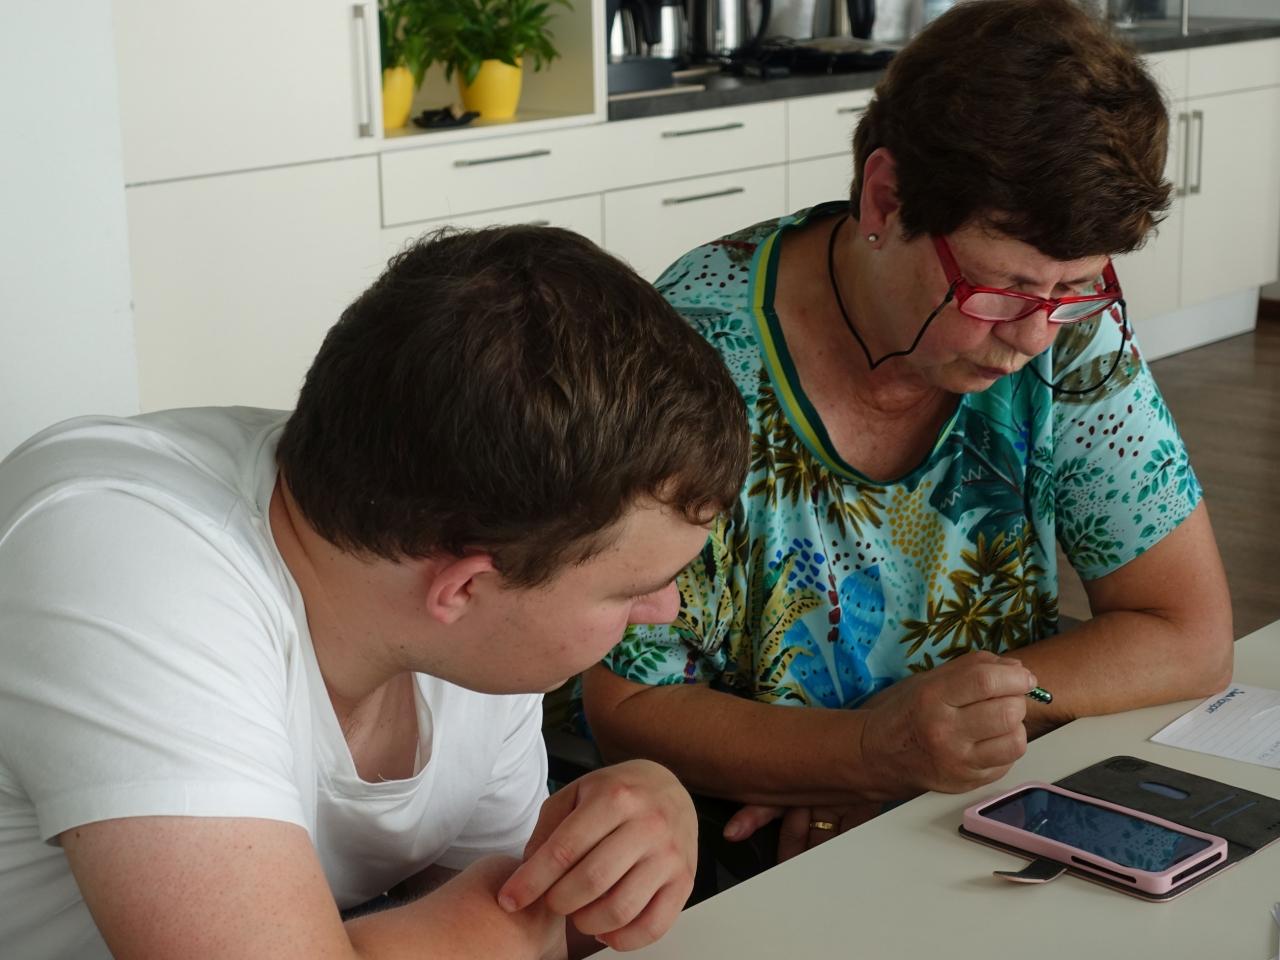 Ein Smartphone Pate und eine ältere Dame schauen auf ein Smartphone.